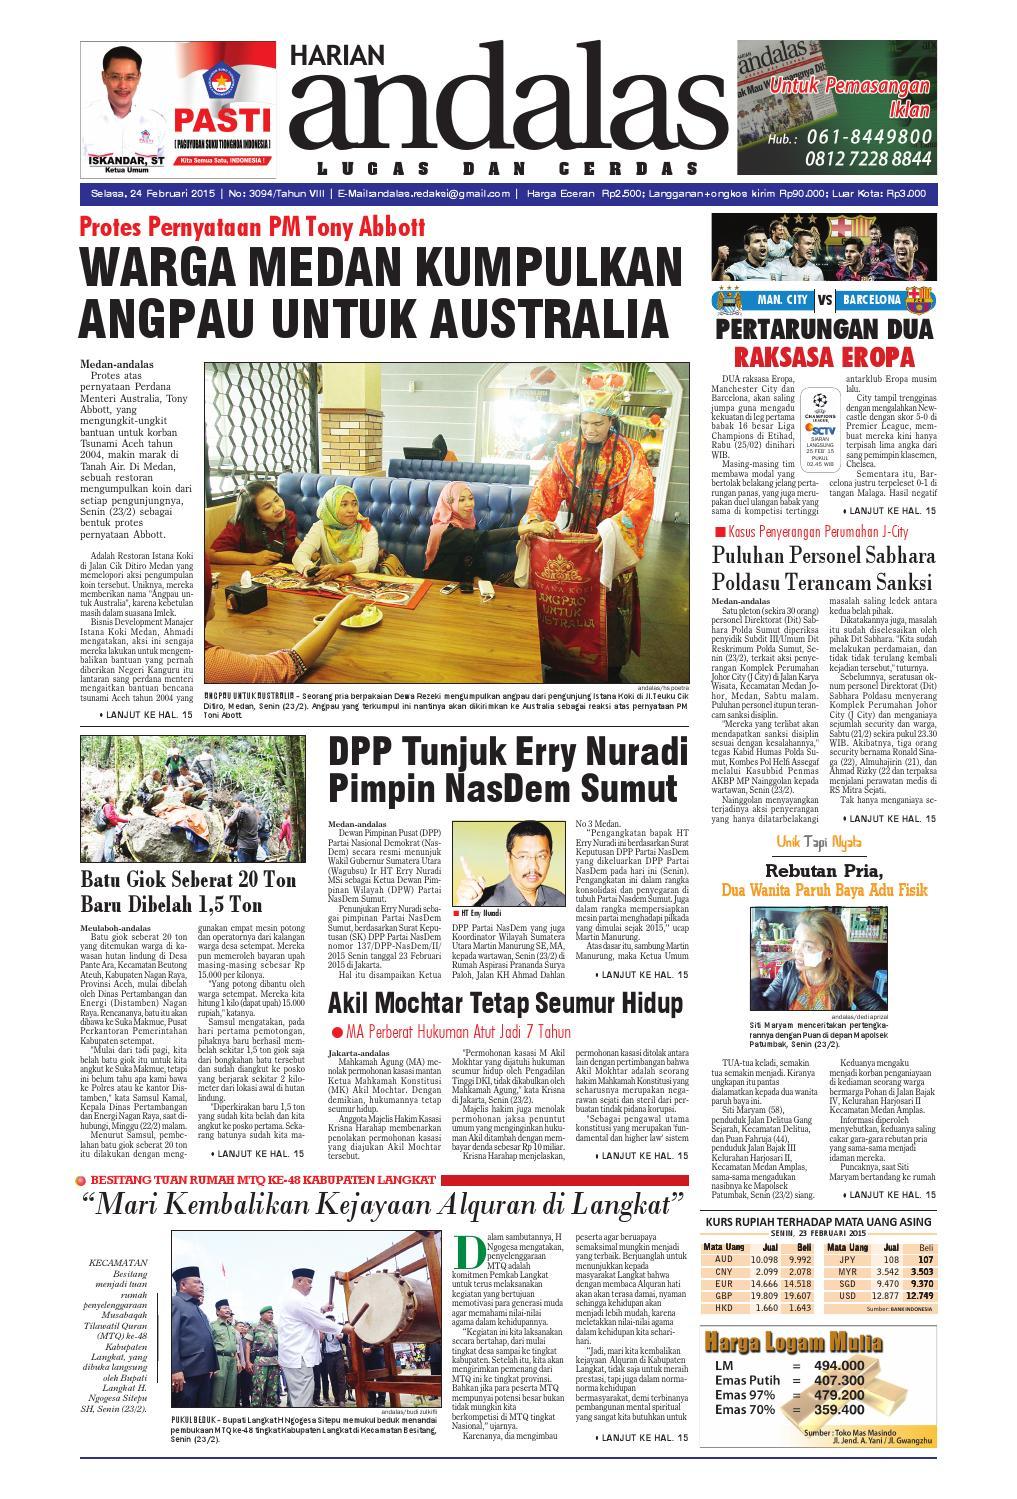 Epaper andalas edisi selasa 24 februari 2015 by media andalas - issuu e44db80e45